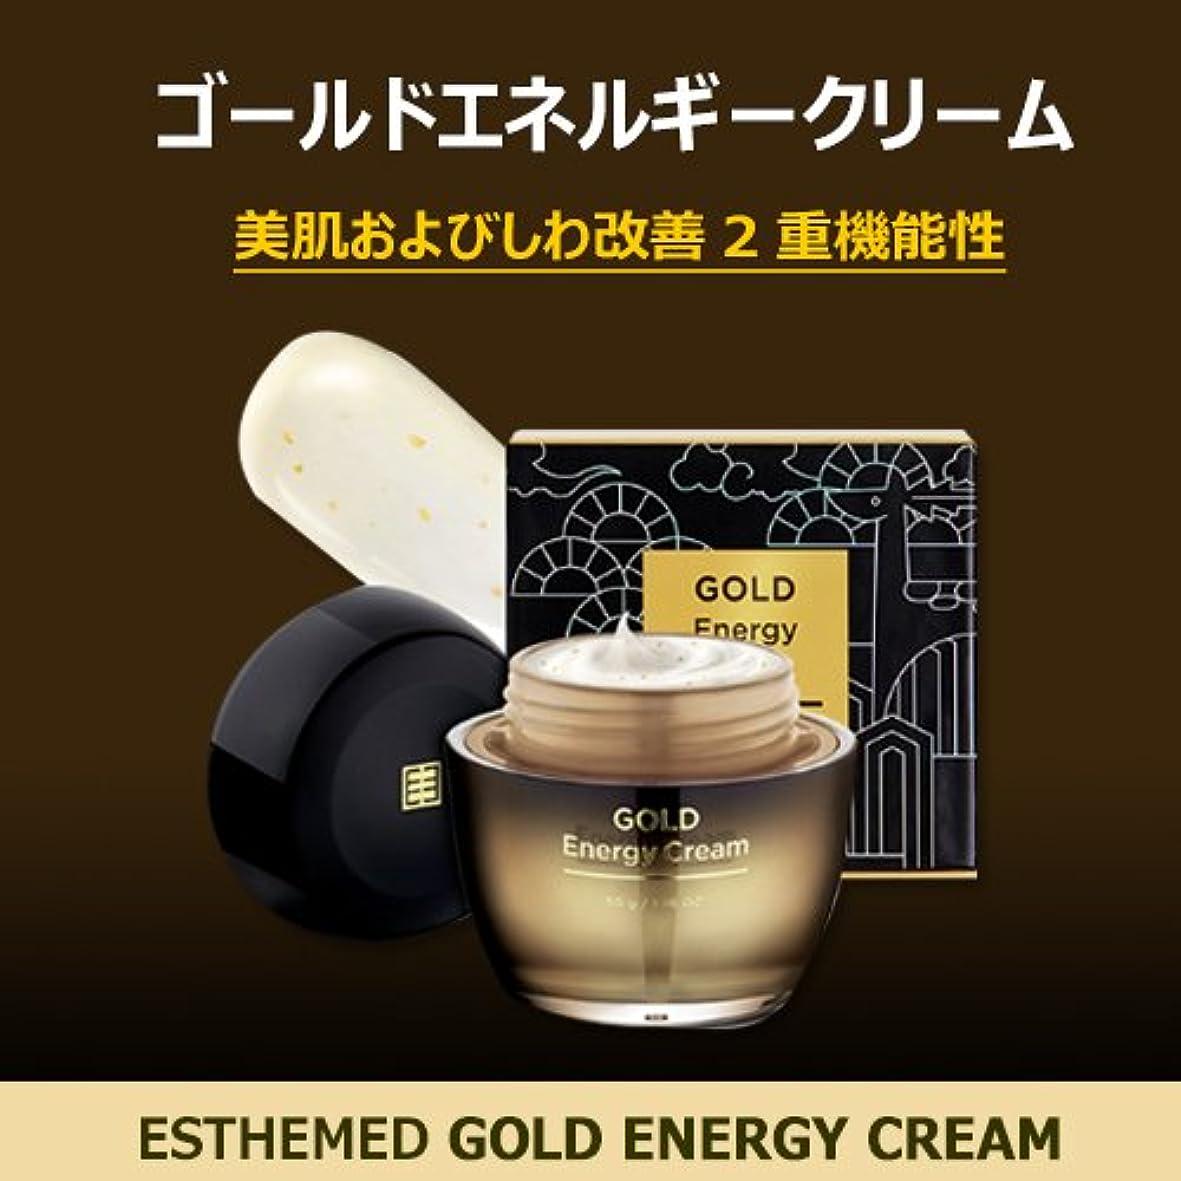 確保するドラフトトリムESTHEMED エステメド ゴールド エネルギー クリーム GOLD Energy Cream 50g 【 シワ改善 美肌 保湿 回復 韓国コスメ 】